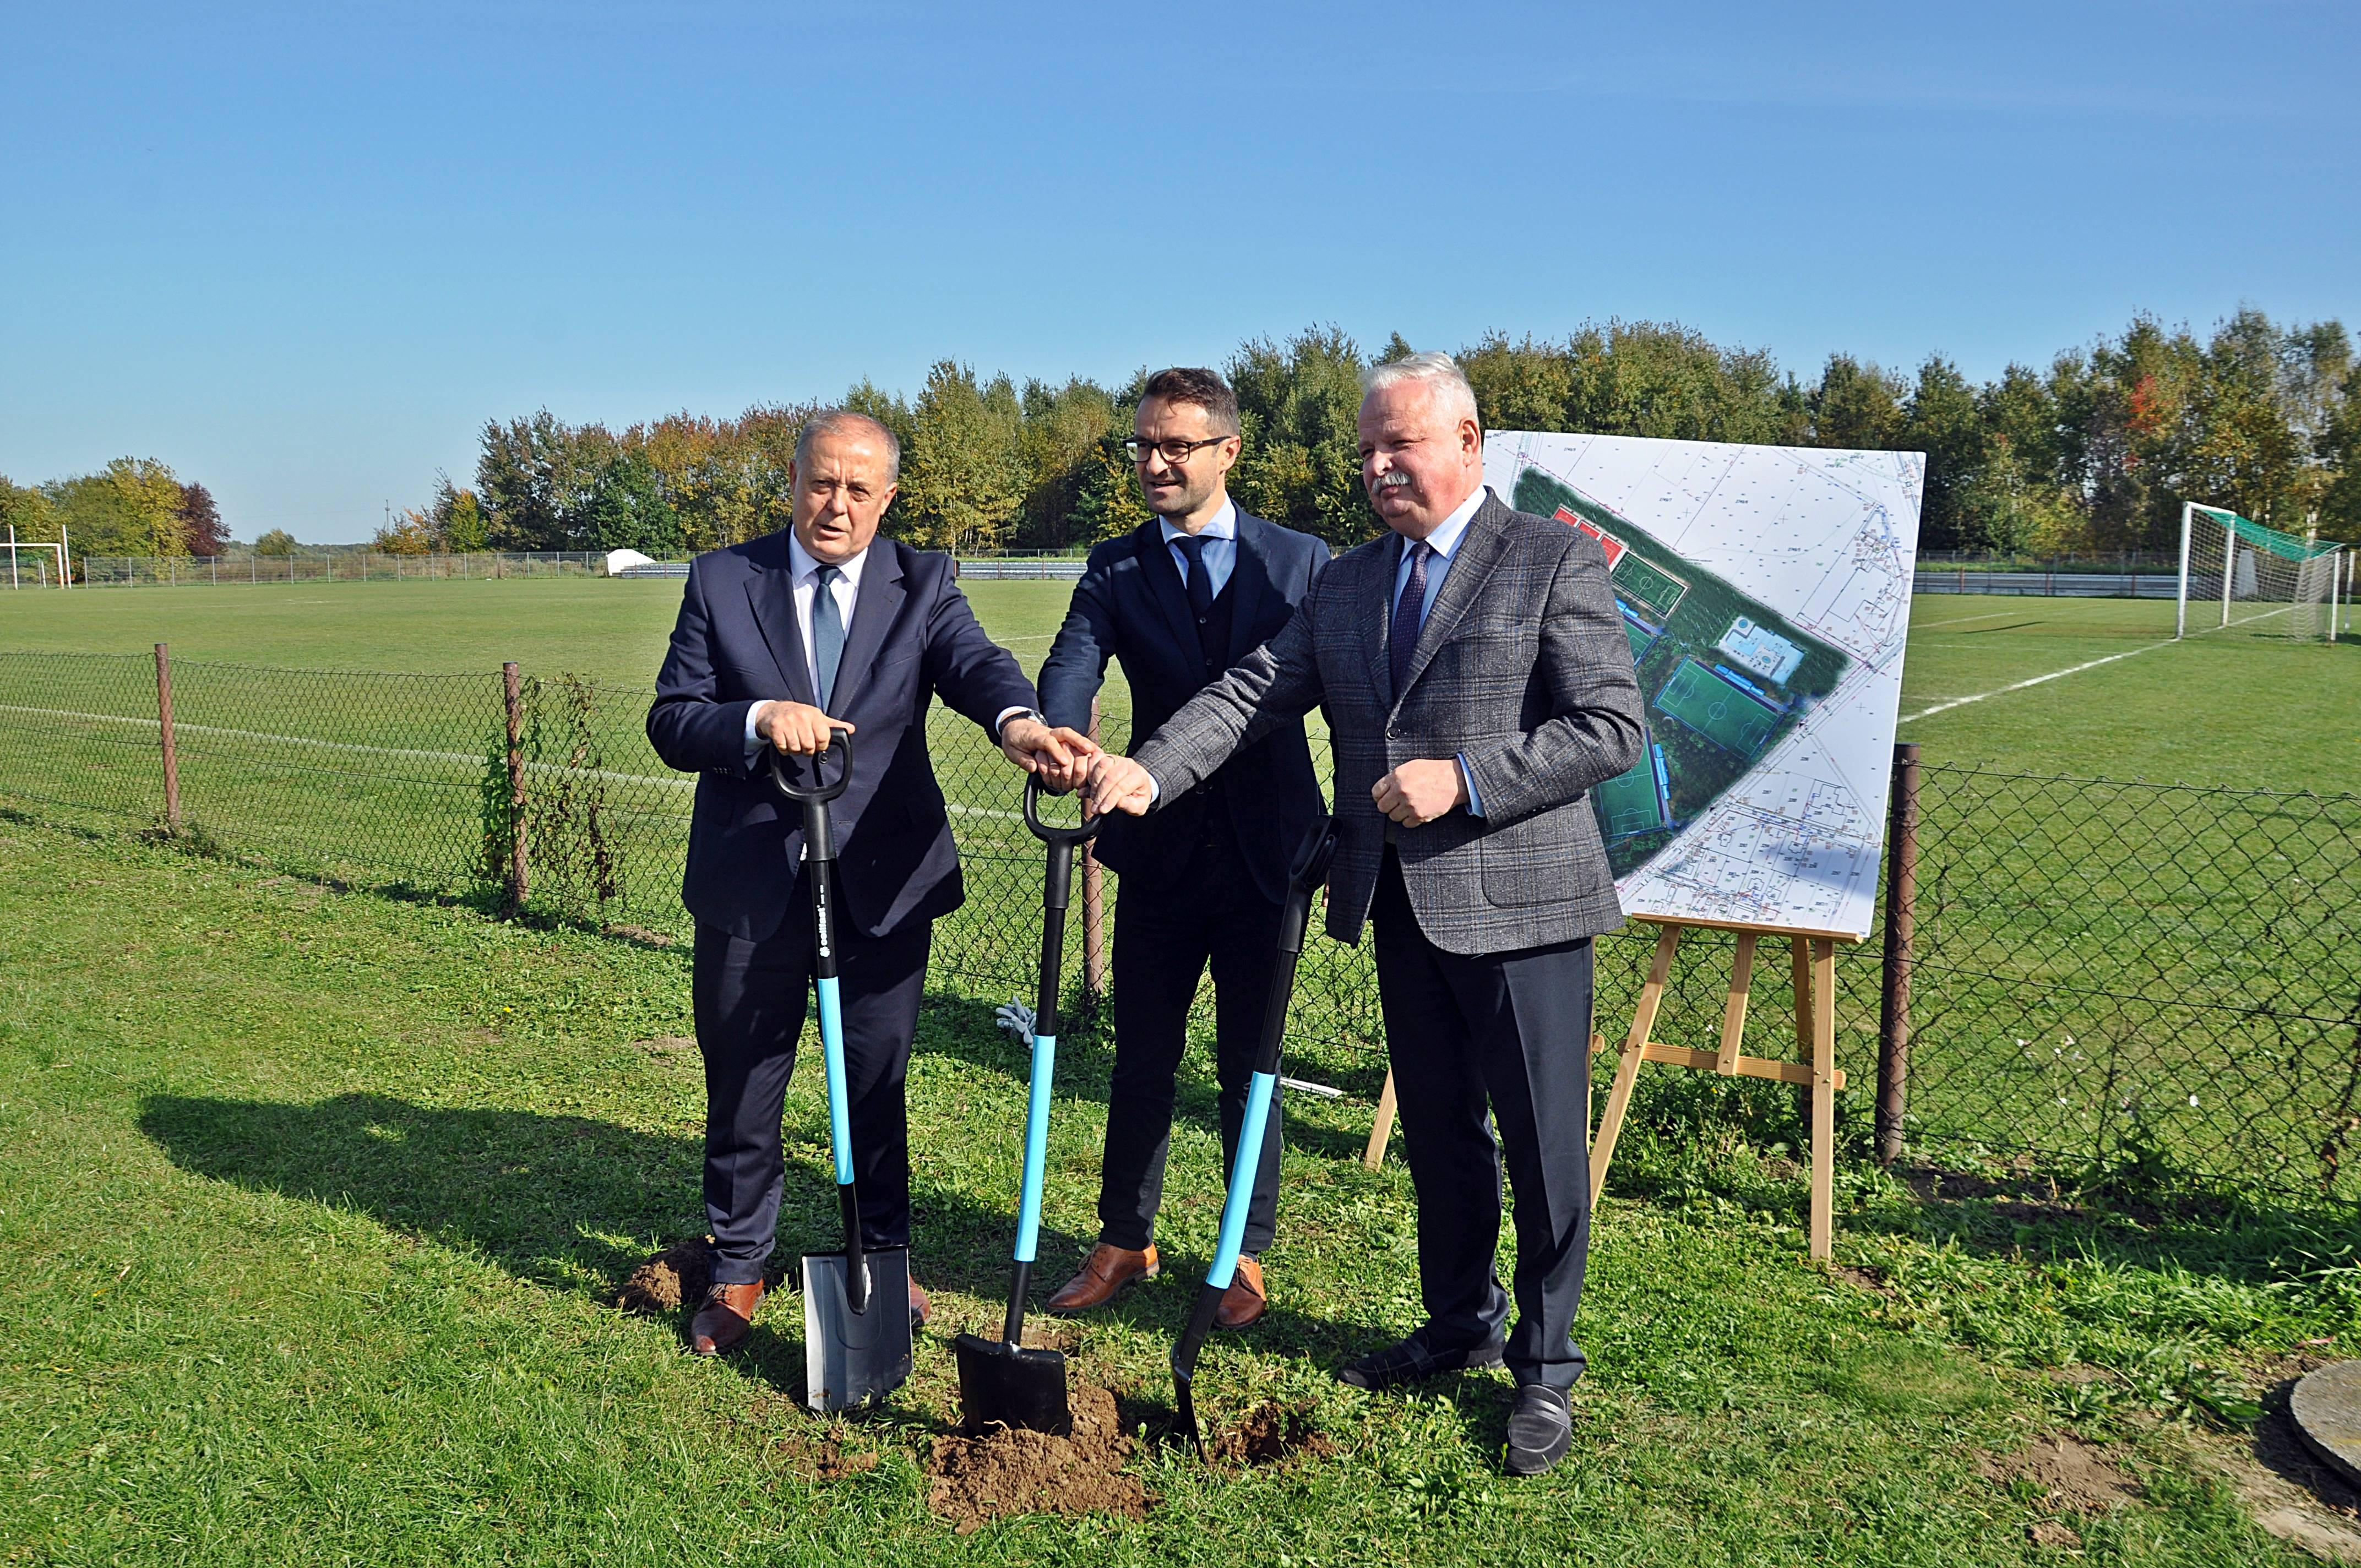 MIELEC: Rozpoczyna się budowa nowej bazy sportowej w Tuszowie Narodowym [WIDEO-ZDJĘCIA] - Zdjęcie główne